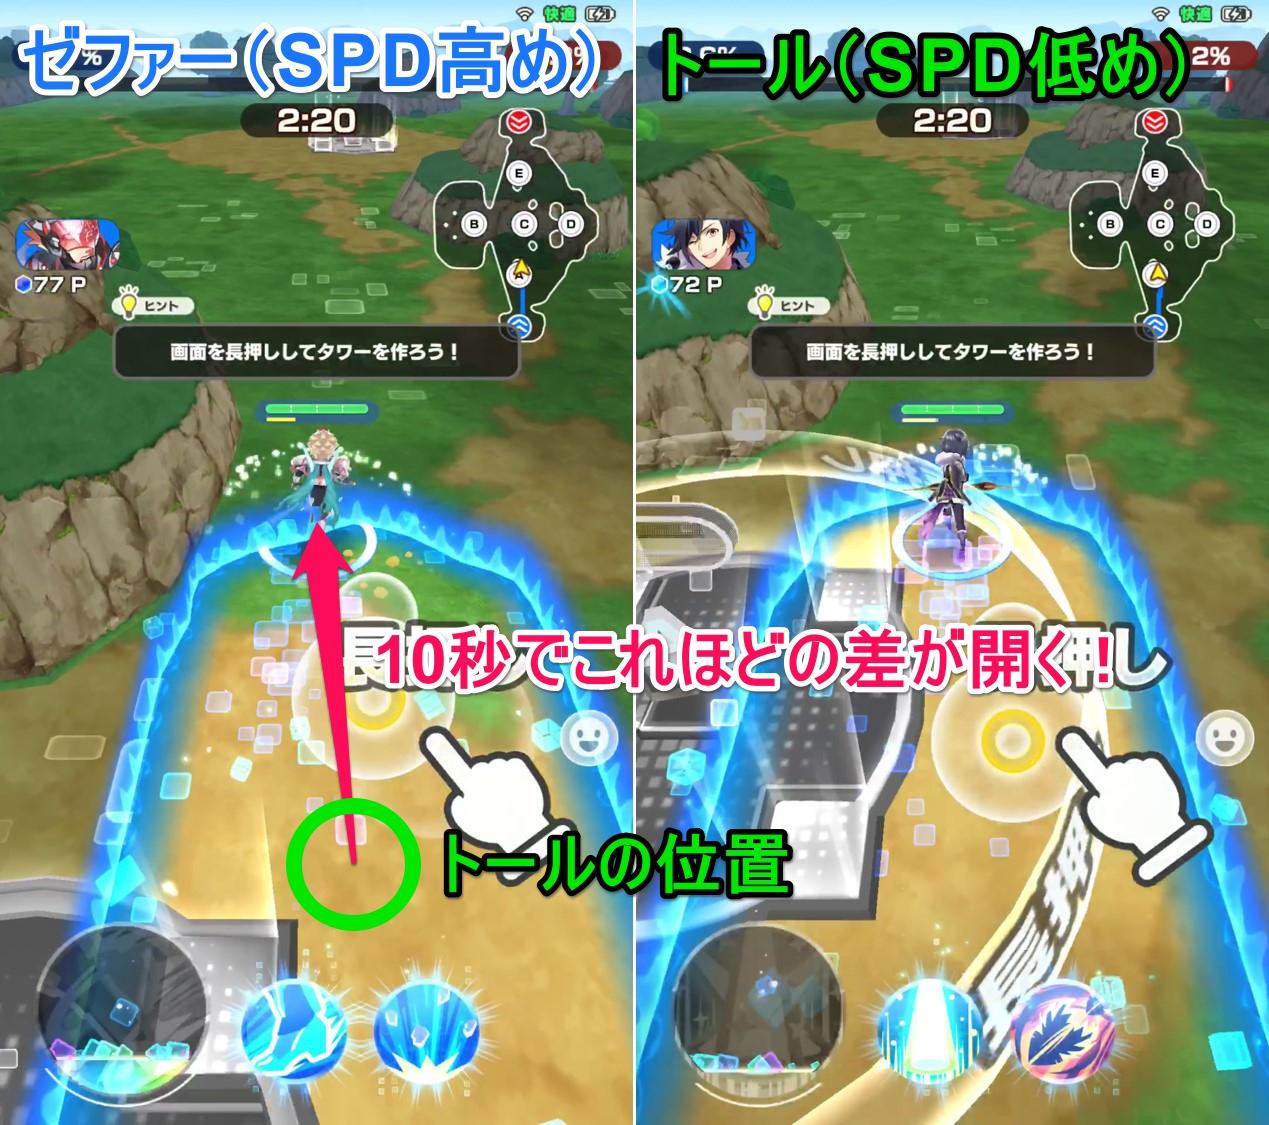 リンクスリングス攻略:キャラデータランキング【11/29更新】